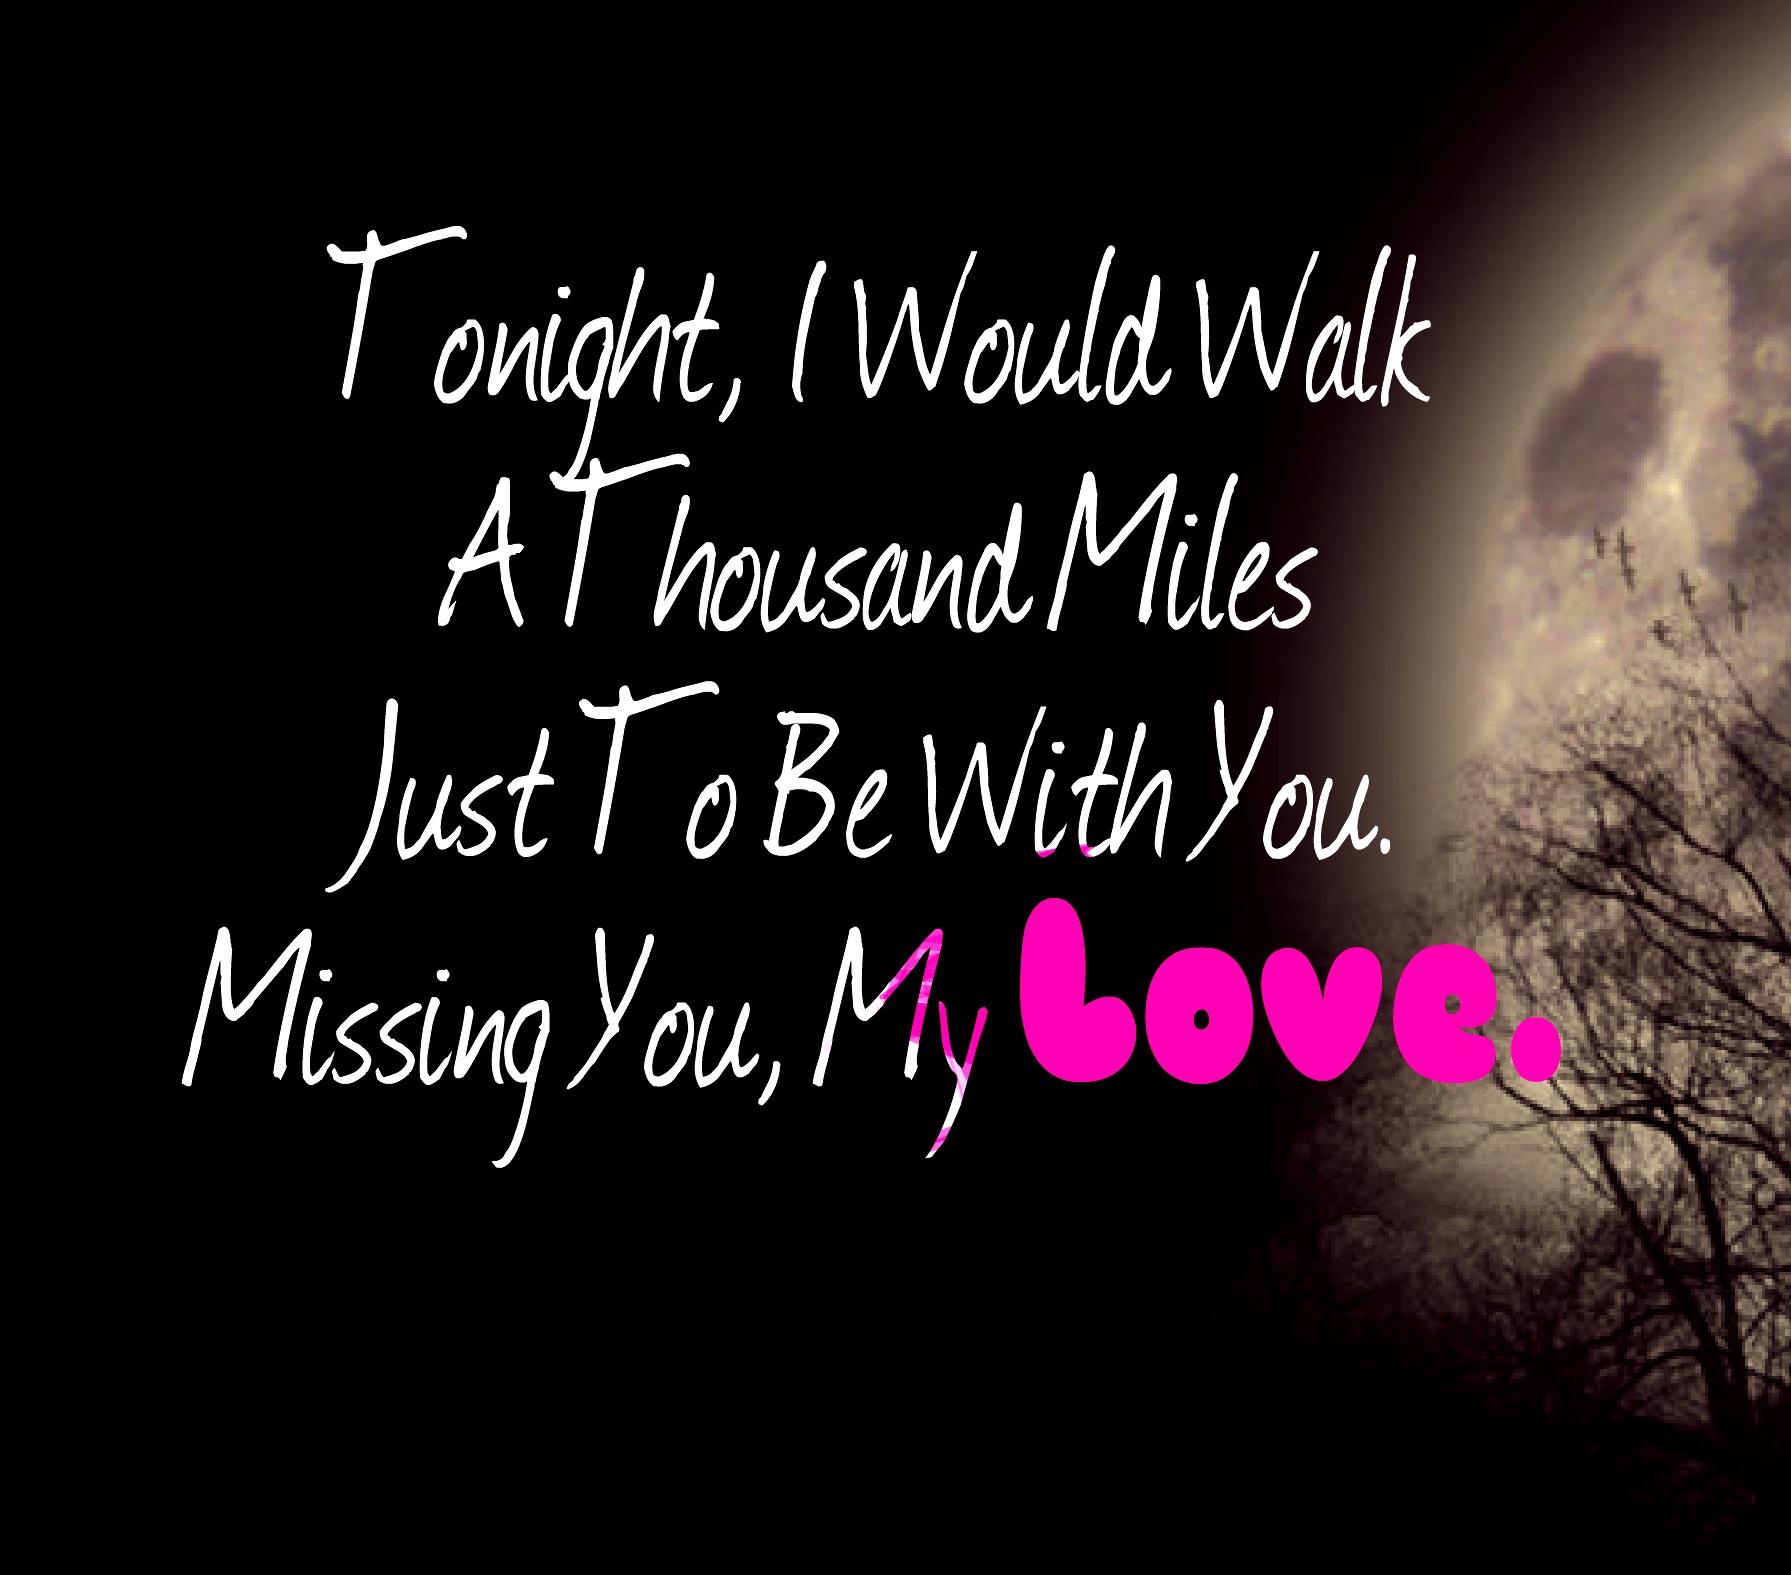 Romantic Night Quotes Images